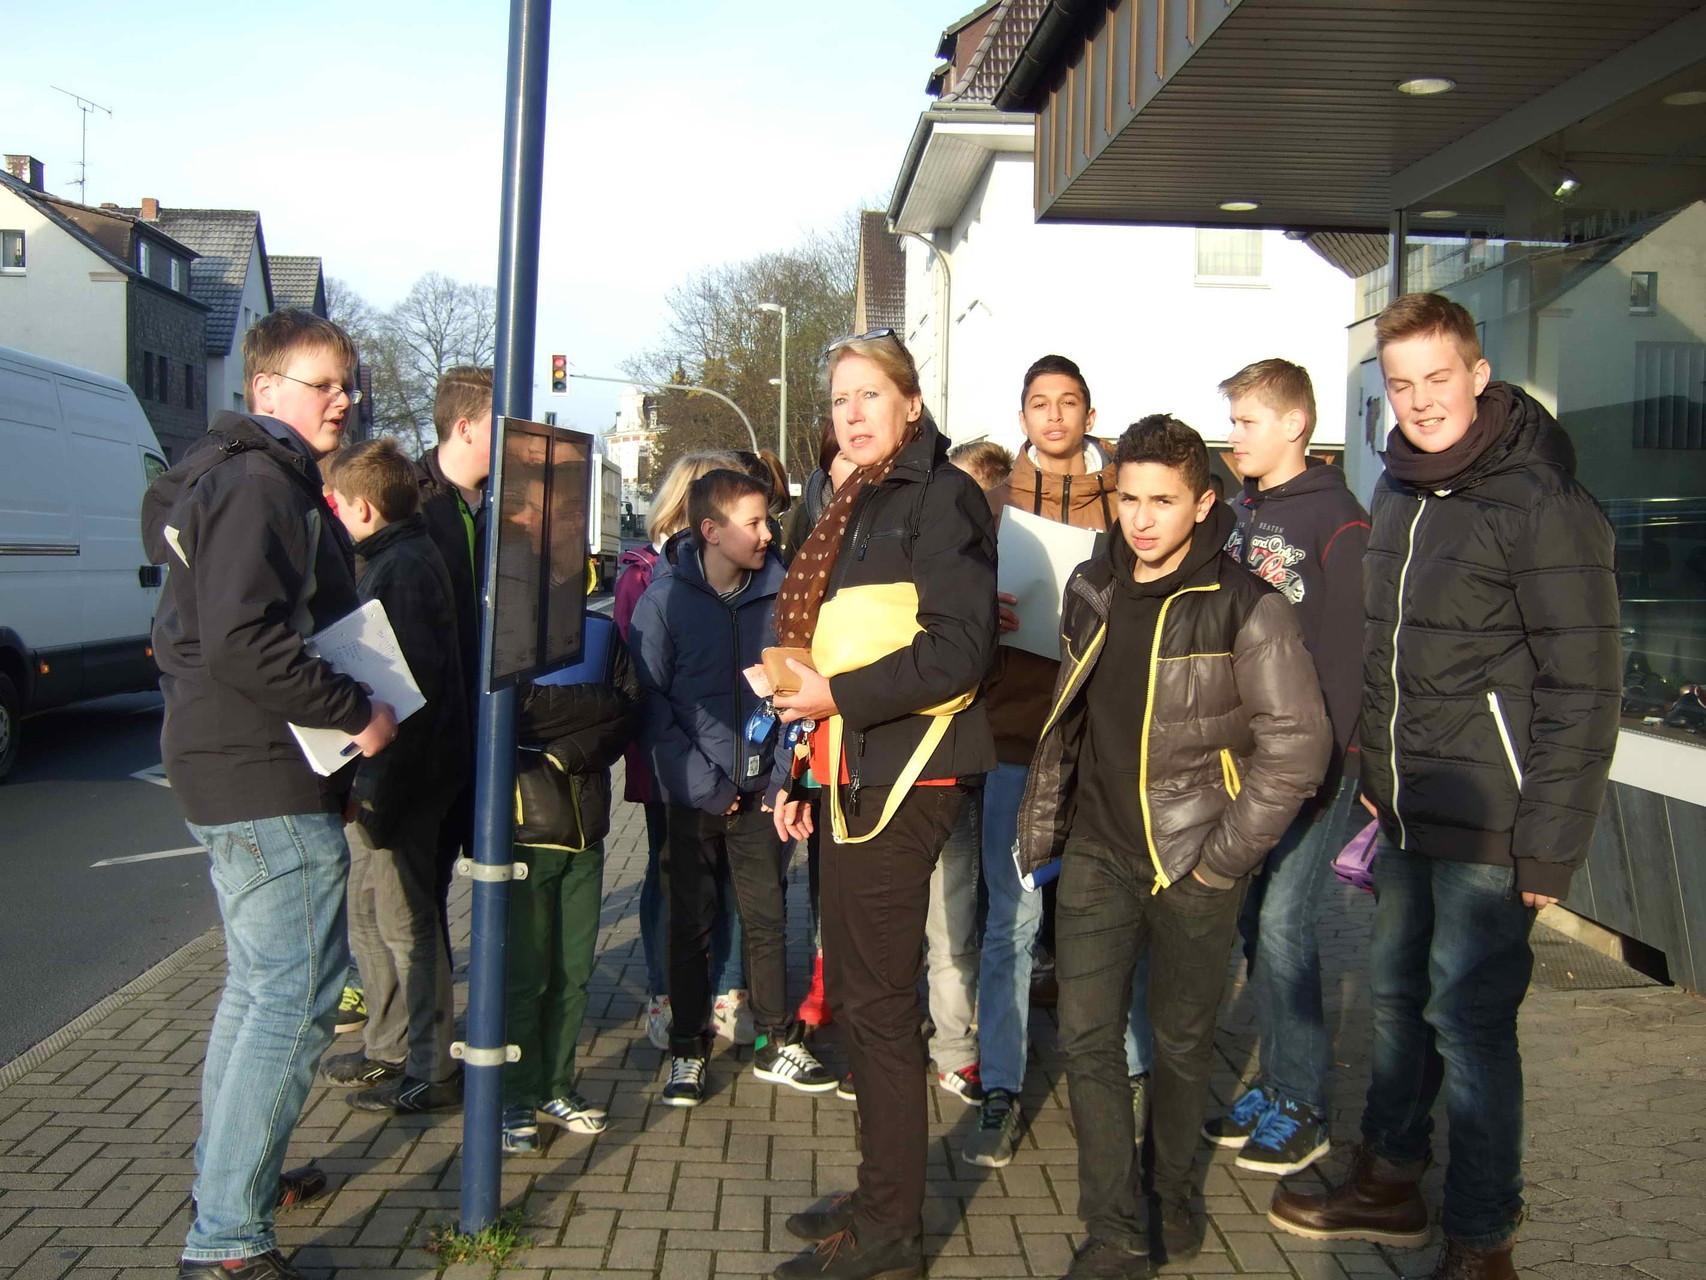 Morgens an der Bushaltestelle